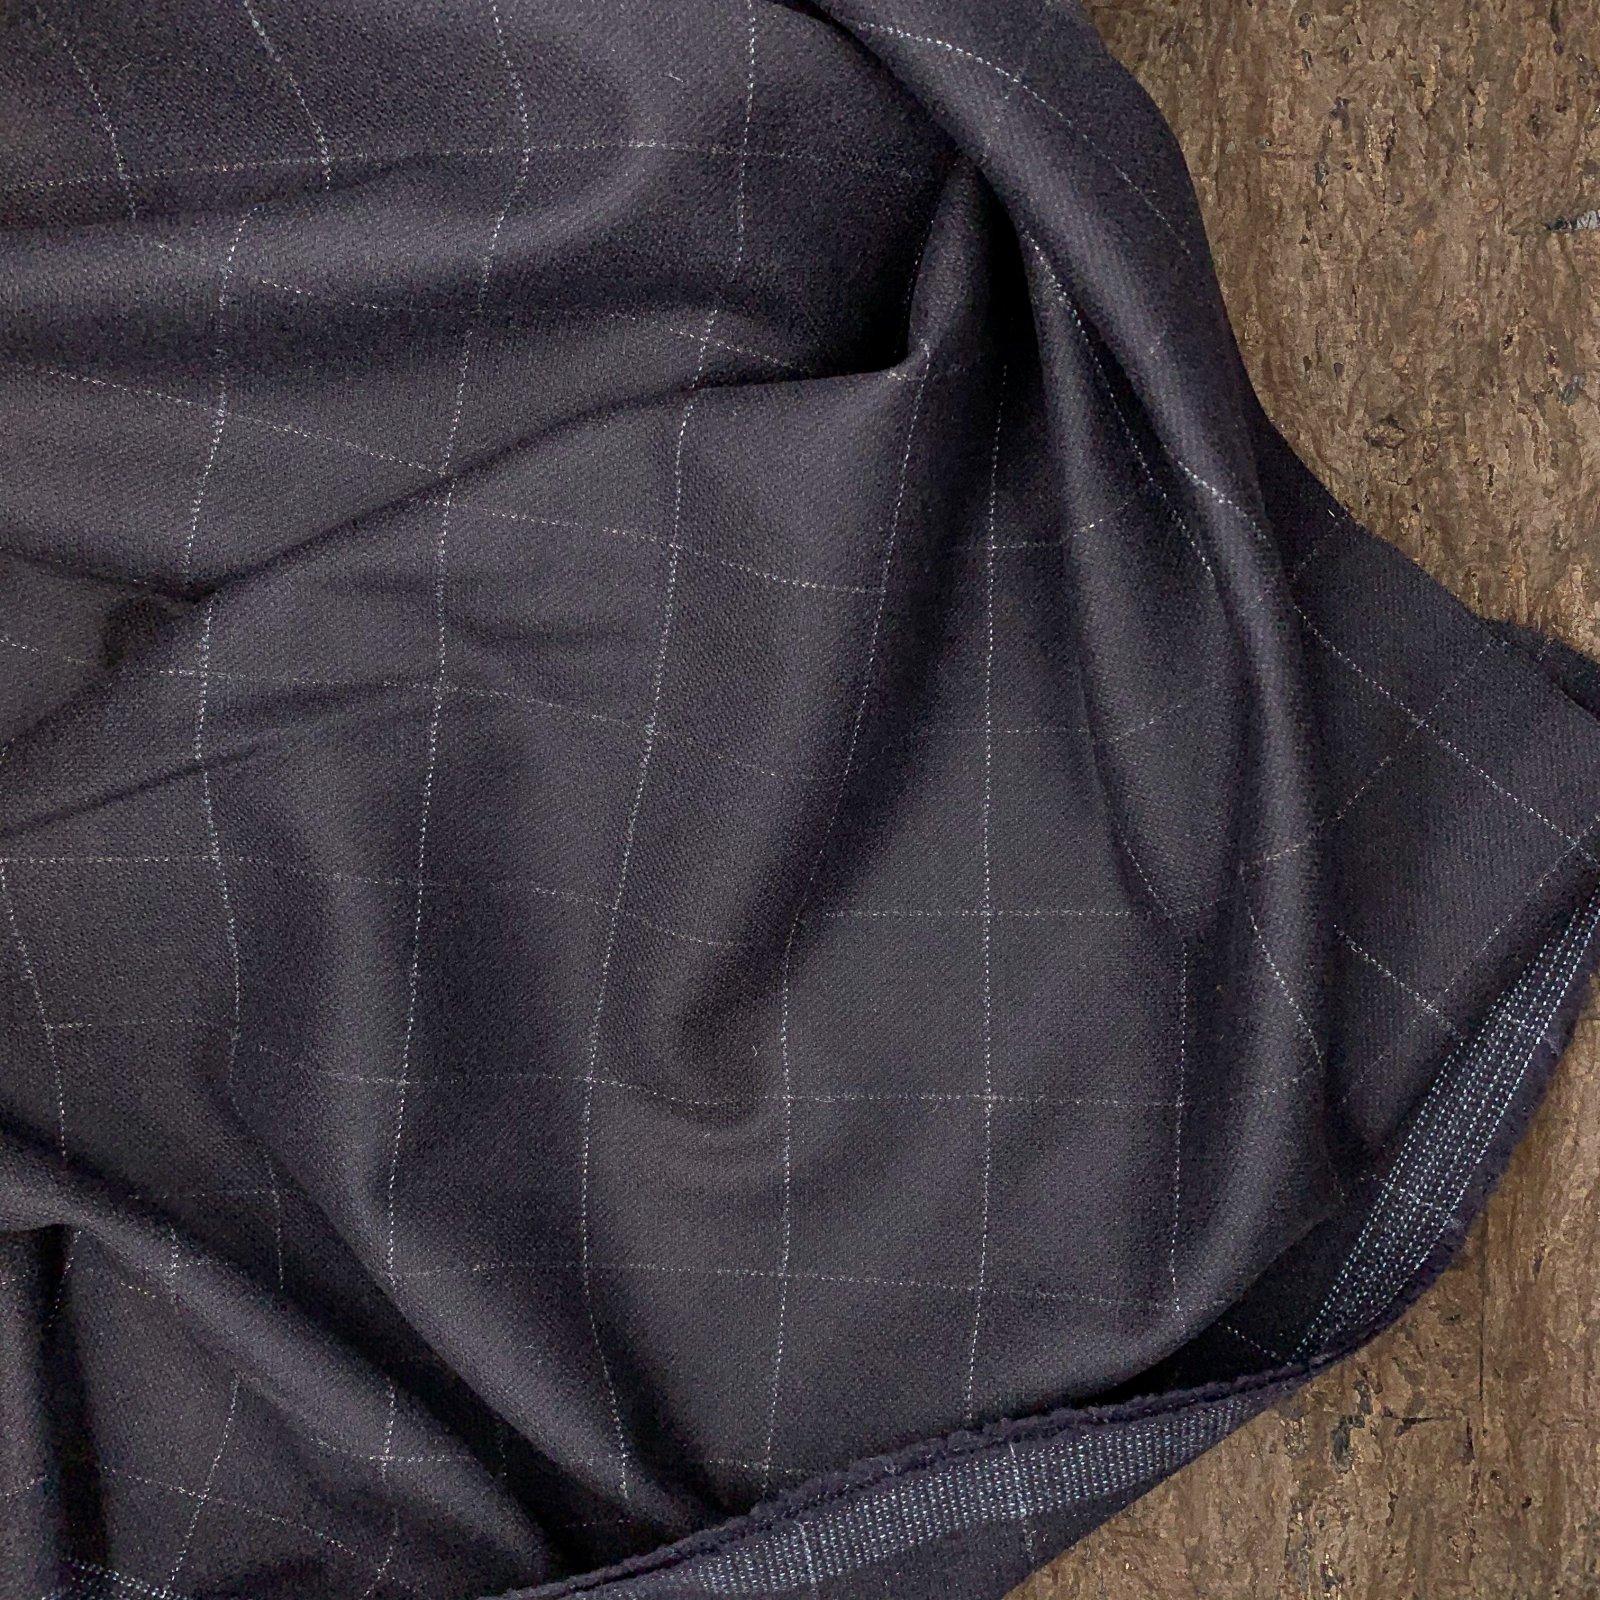 Dark Navy Windowpane Plaid - Italian Wool